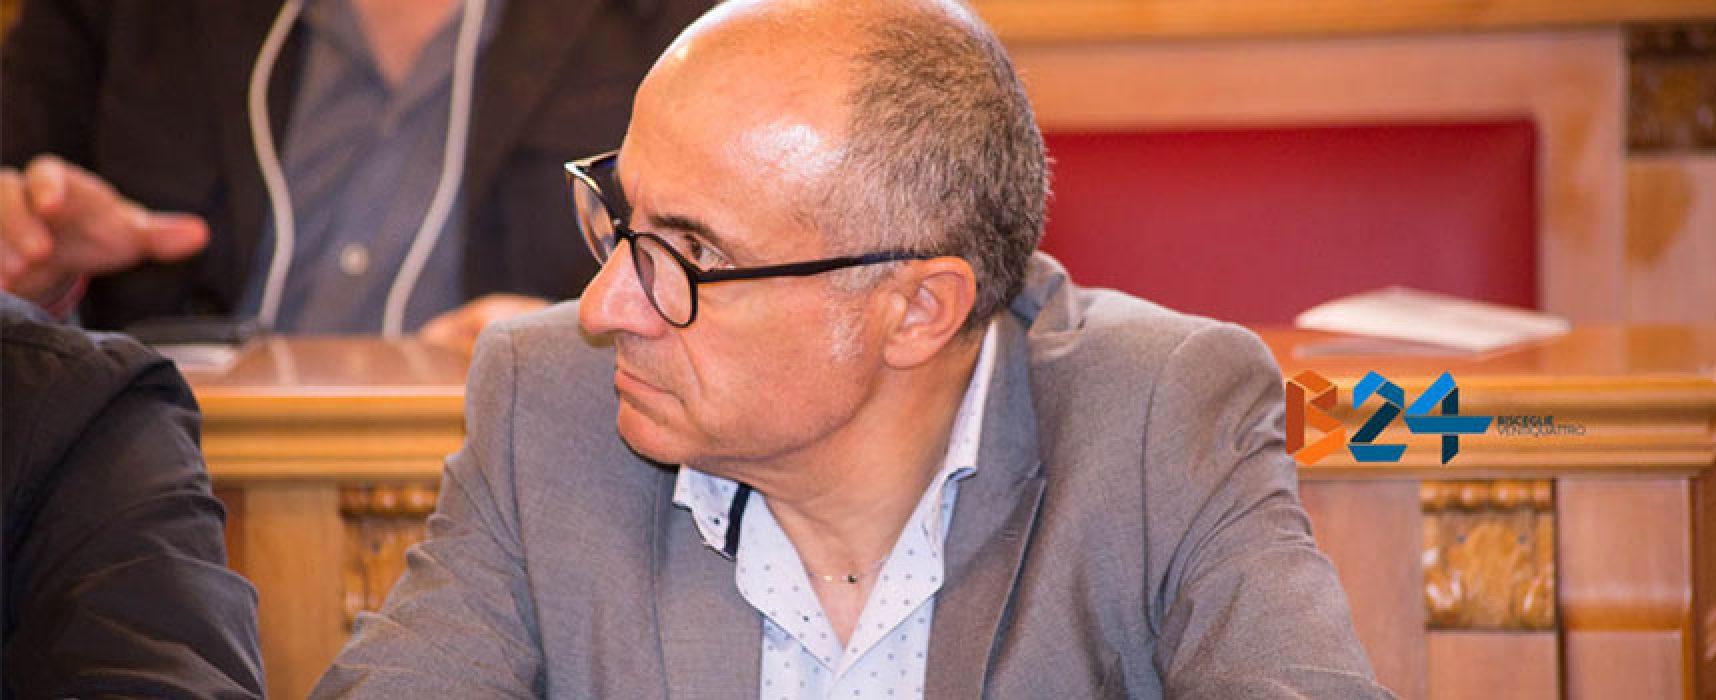 """Mauro Sasso: """"La tanto richiesta collaborazione è una ennesima farsa"""""""